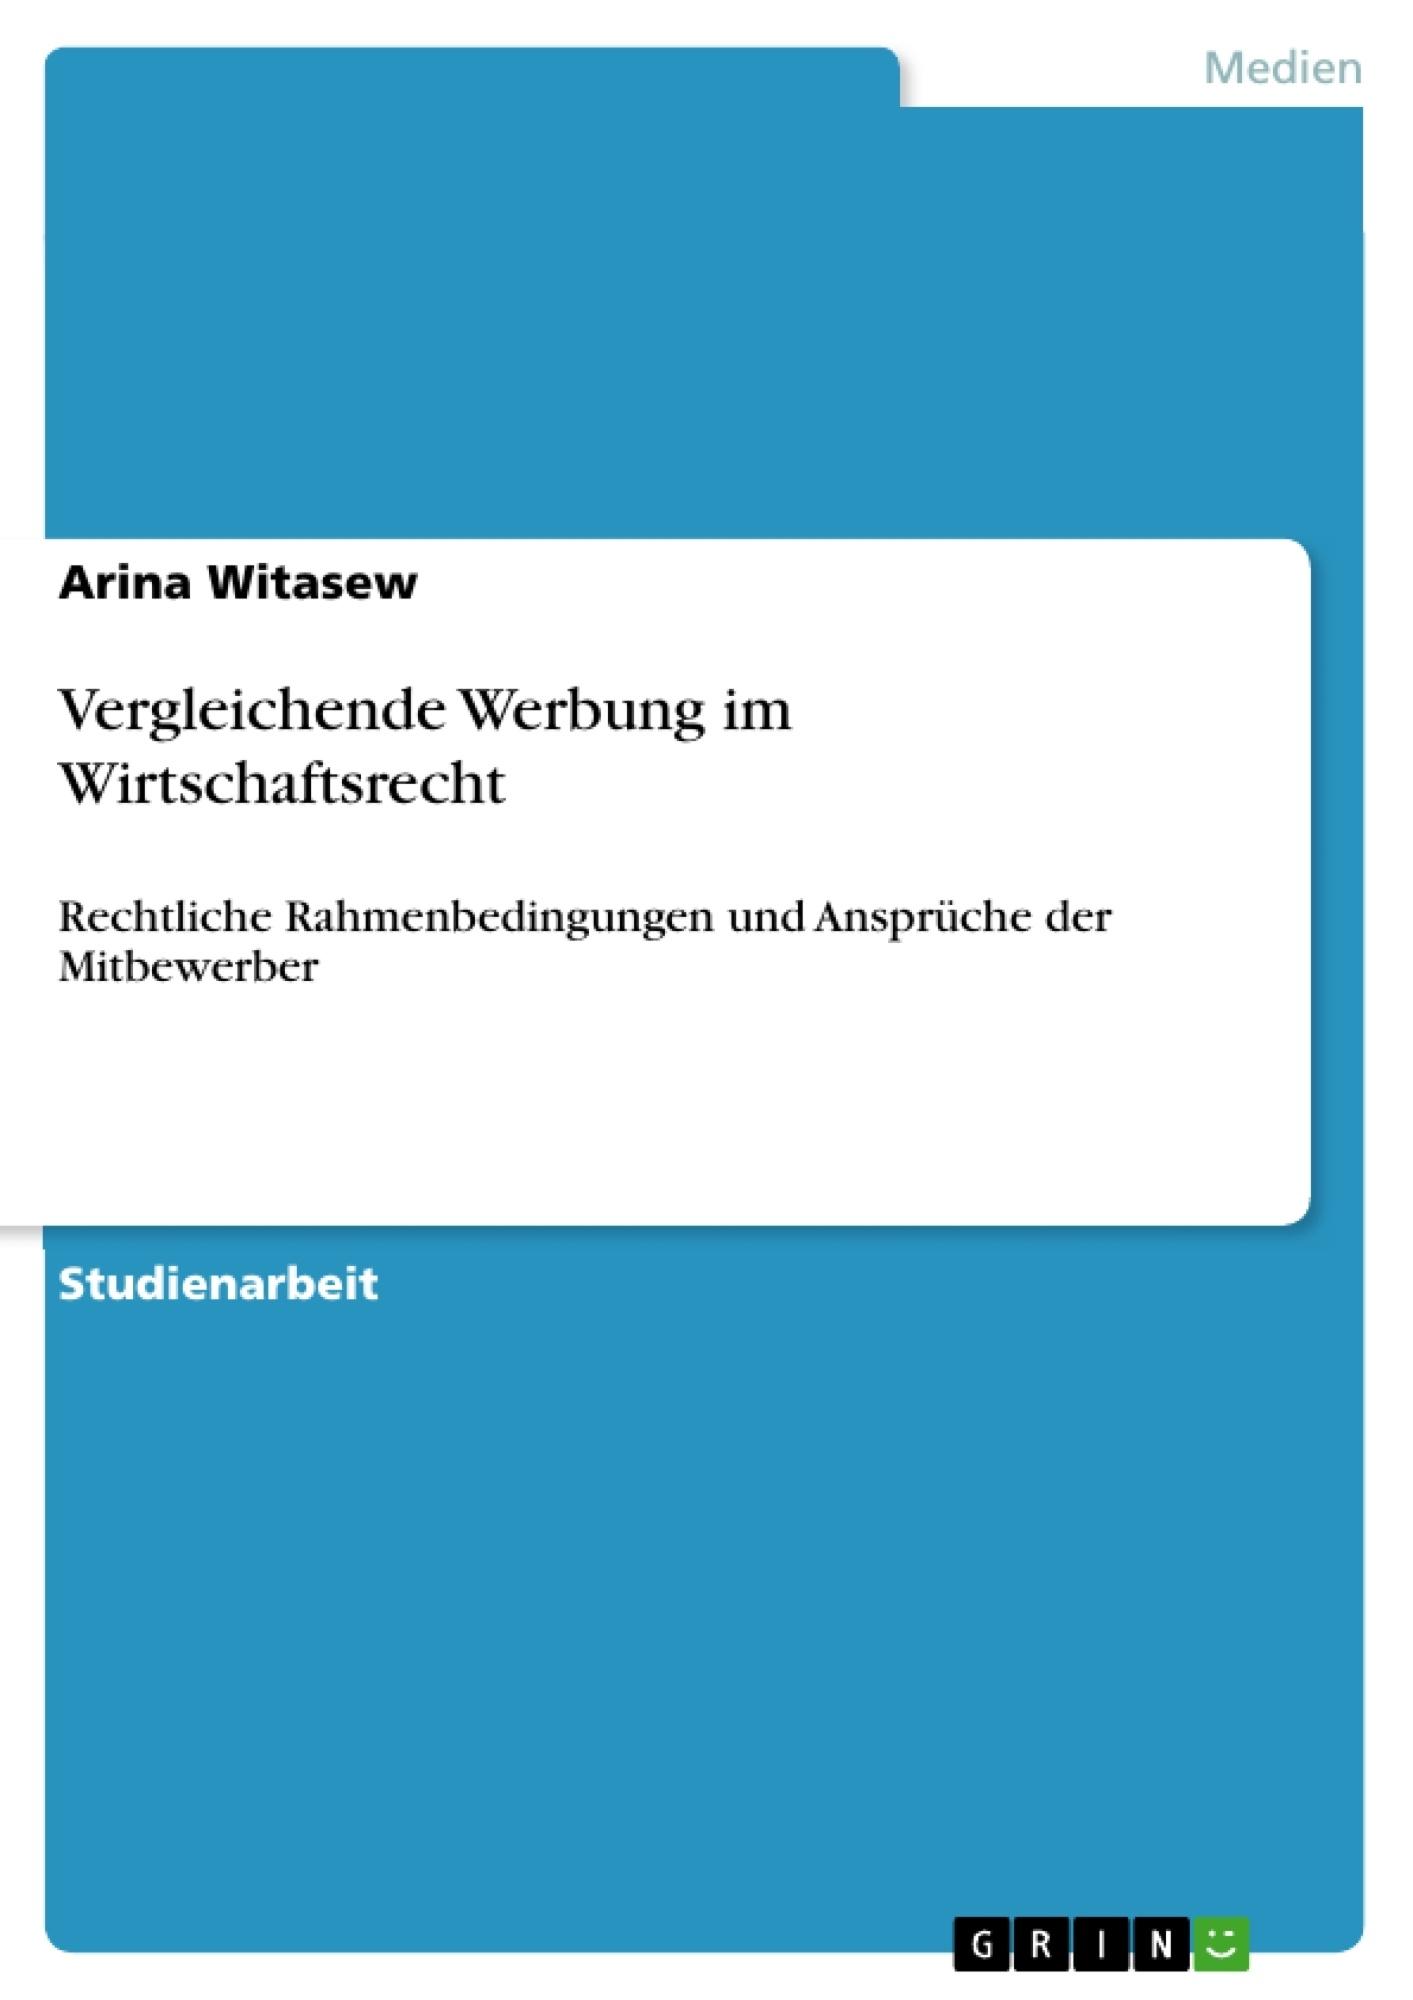 Titel: Vergleichende Werbung im Wirtschaftsrecht